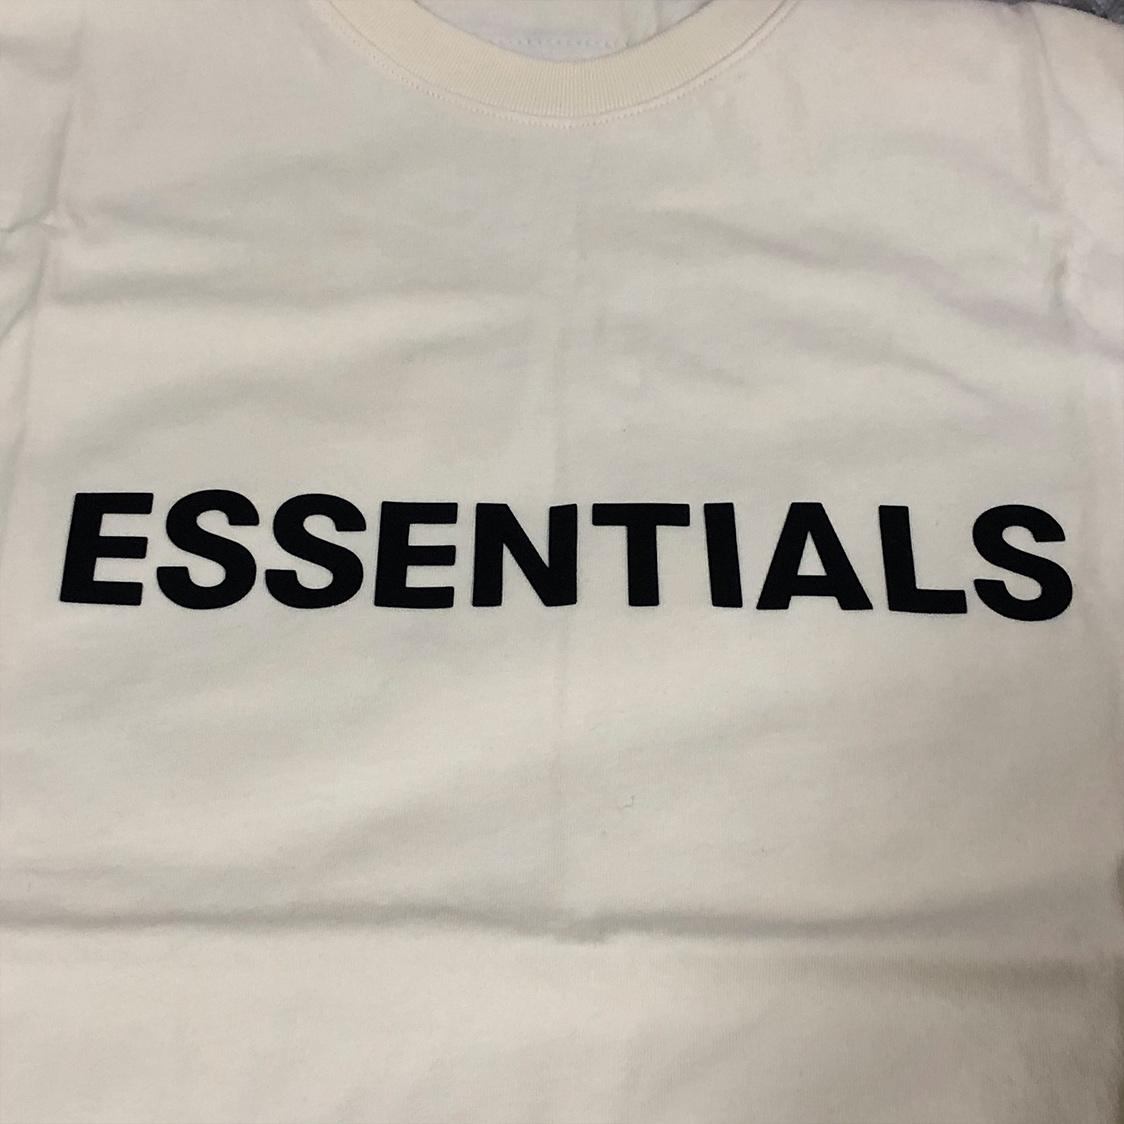 2020新作 新品 FOG Fear Of God Essentials フェアオブゴッド エッセンシャルズ 【Sサイズ】 LOGO TEE Tシャツ 半袖 エッセンシャル CREAM クリーム フォグ